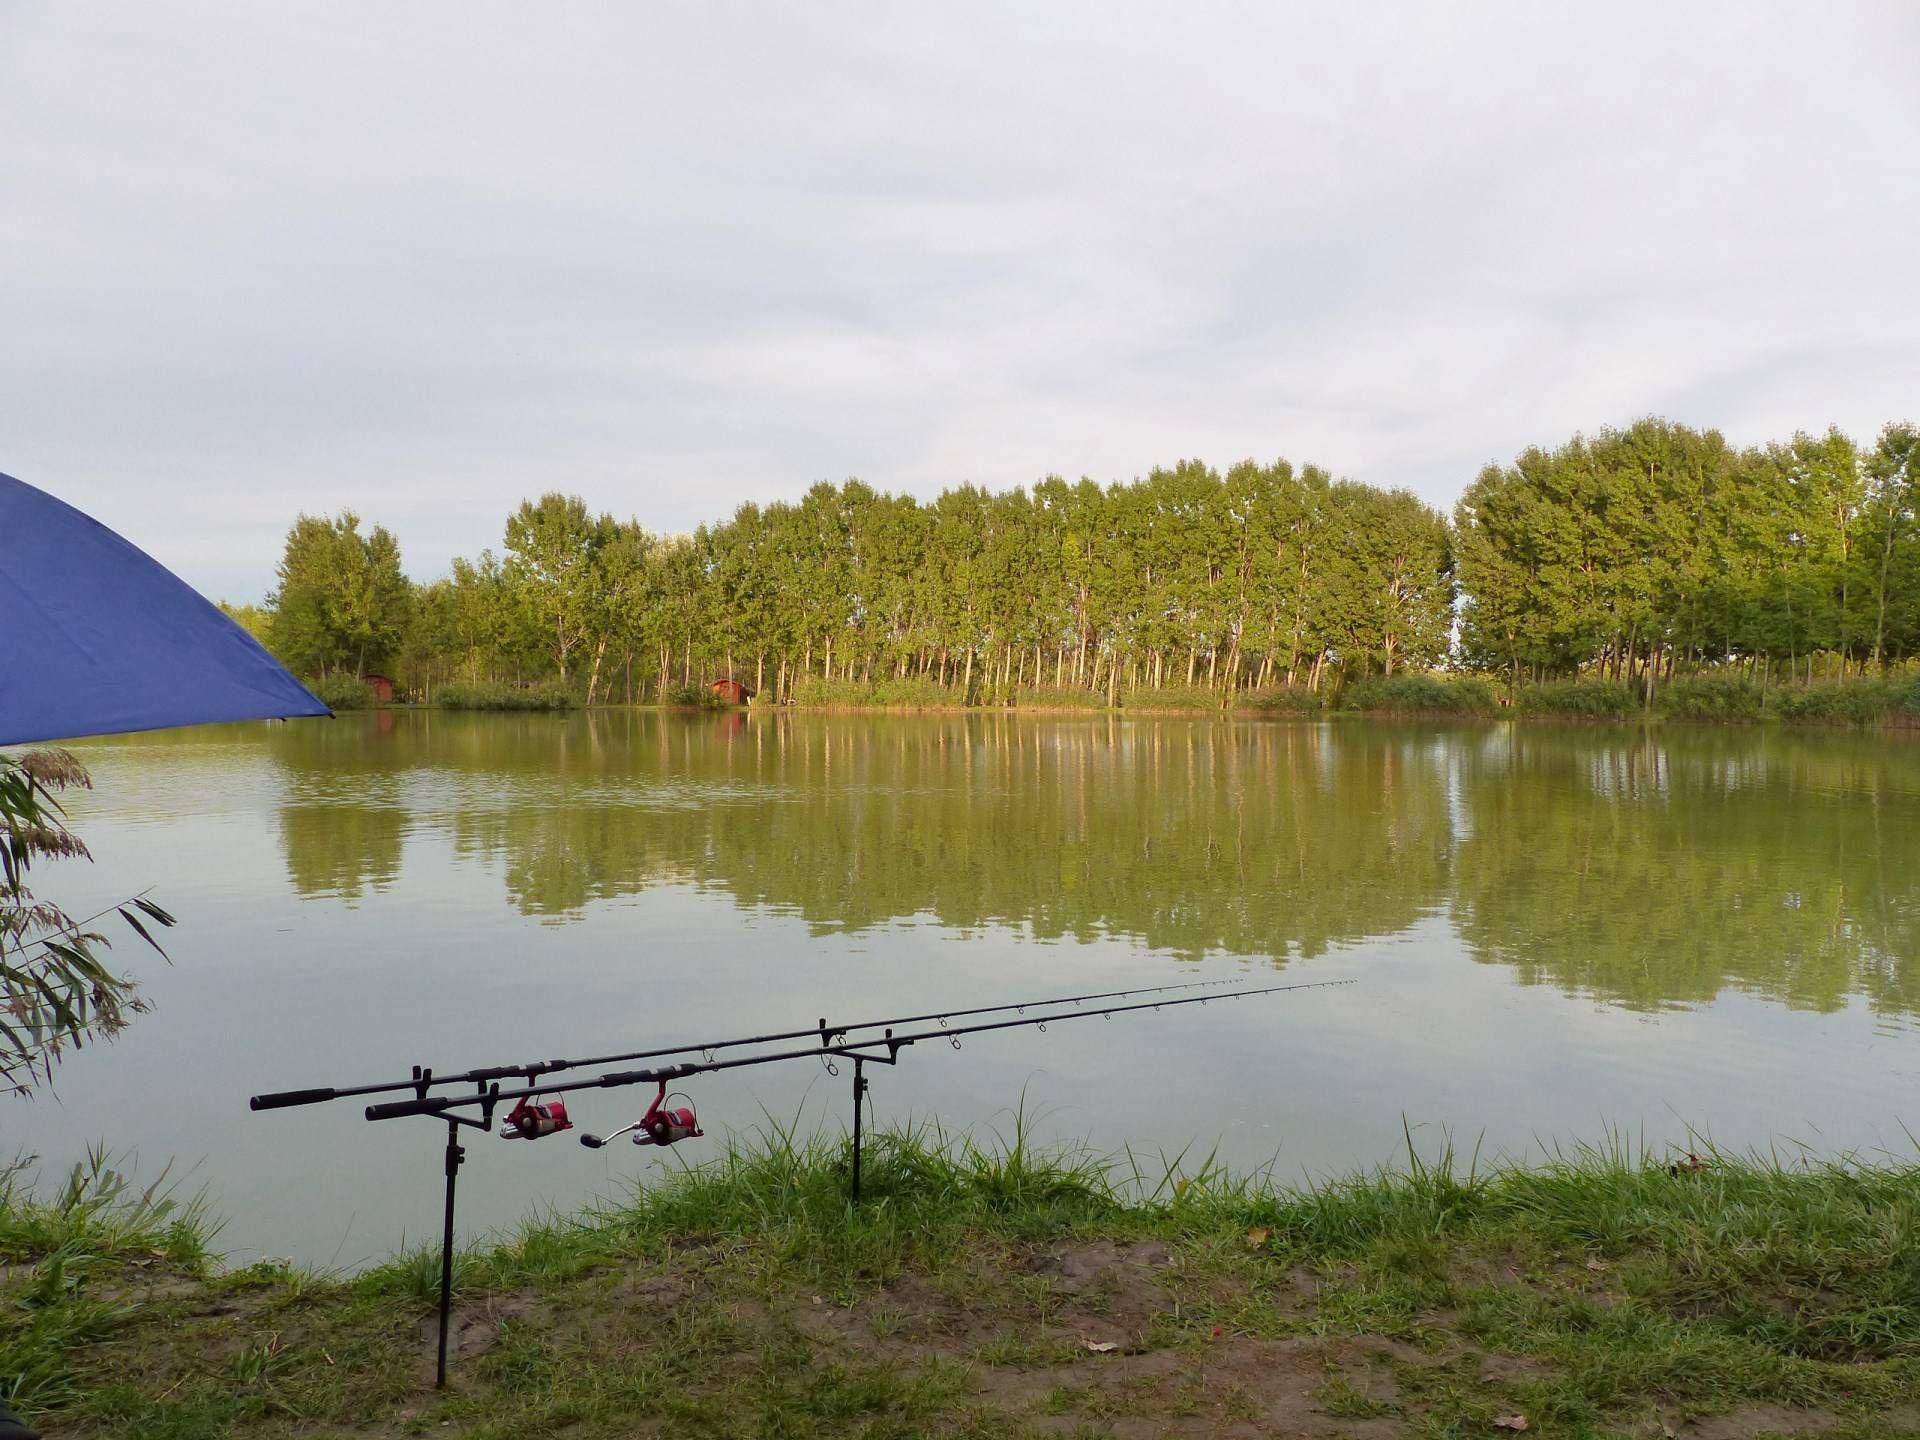 … így már nagyon vártam, hogy újra lehetőségem nyíljon itt a horgászatra